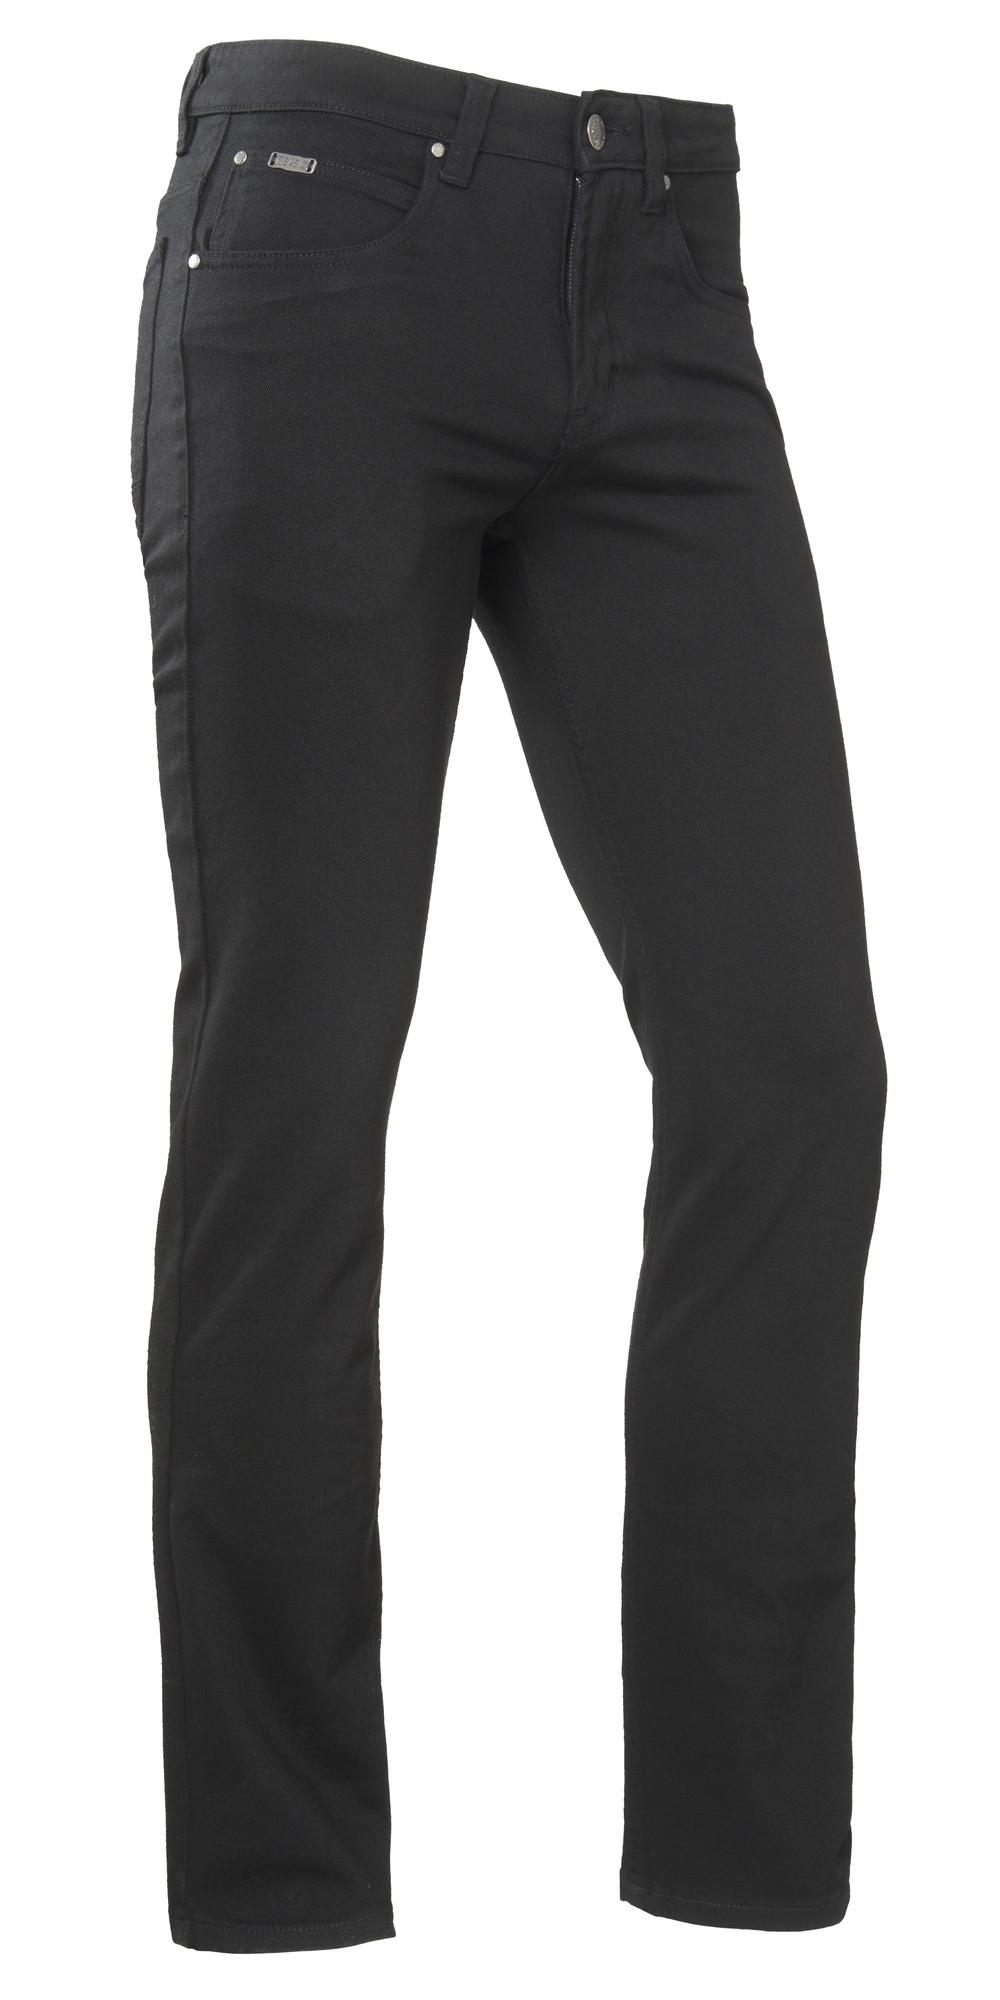 Brams Paris Danny Jeans Stretch (D51 Black Twill) W42-L30